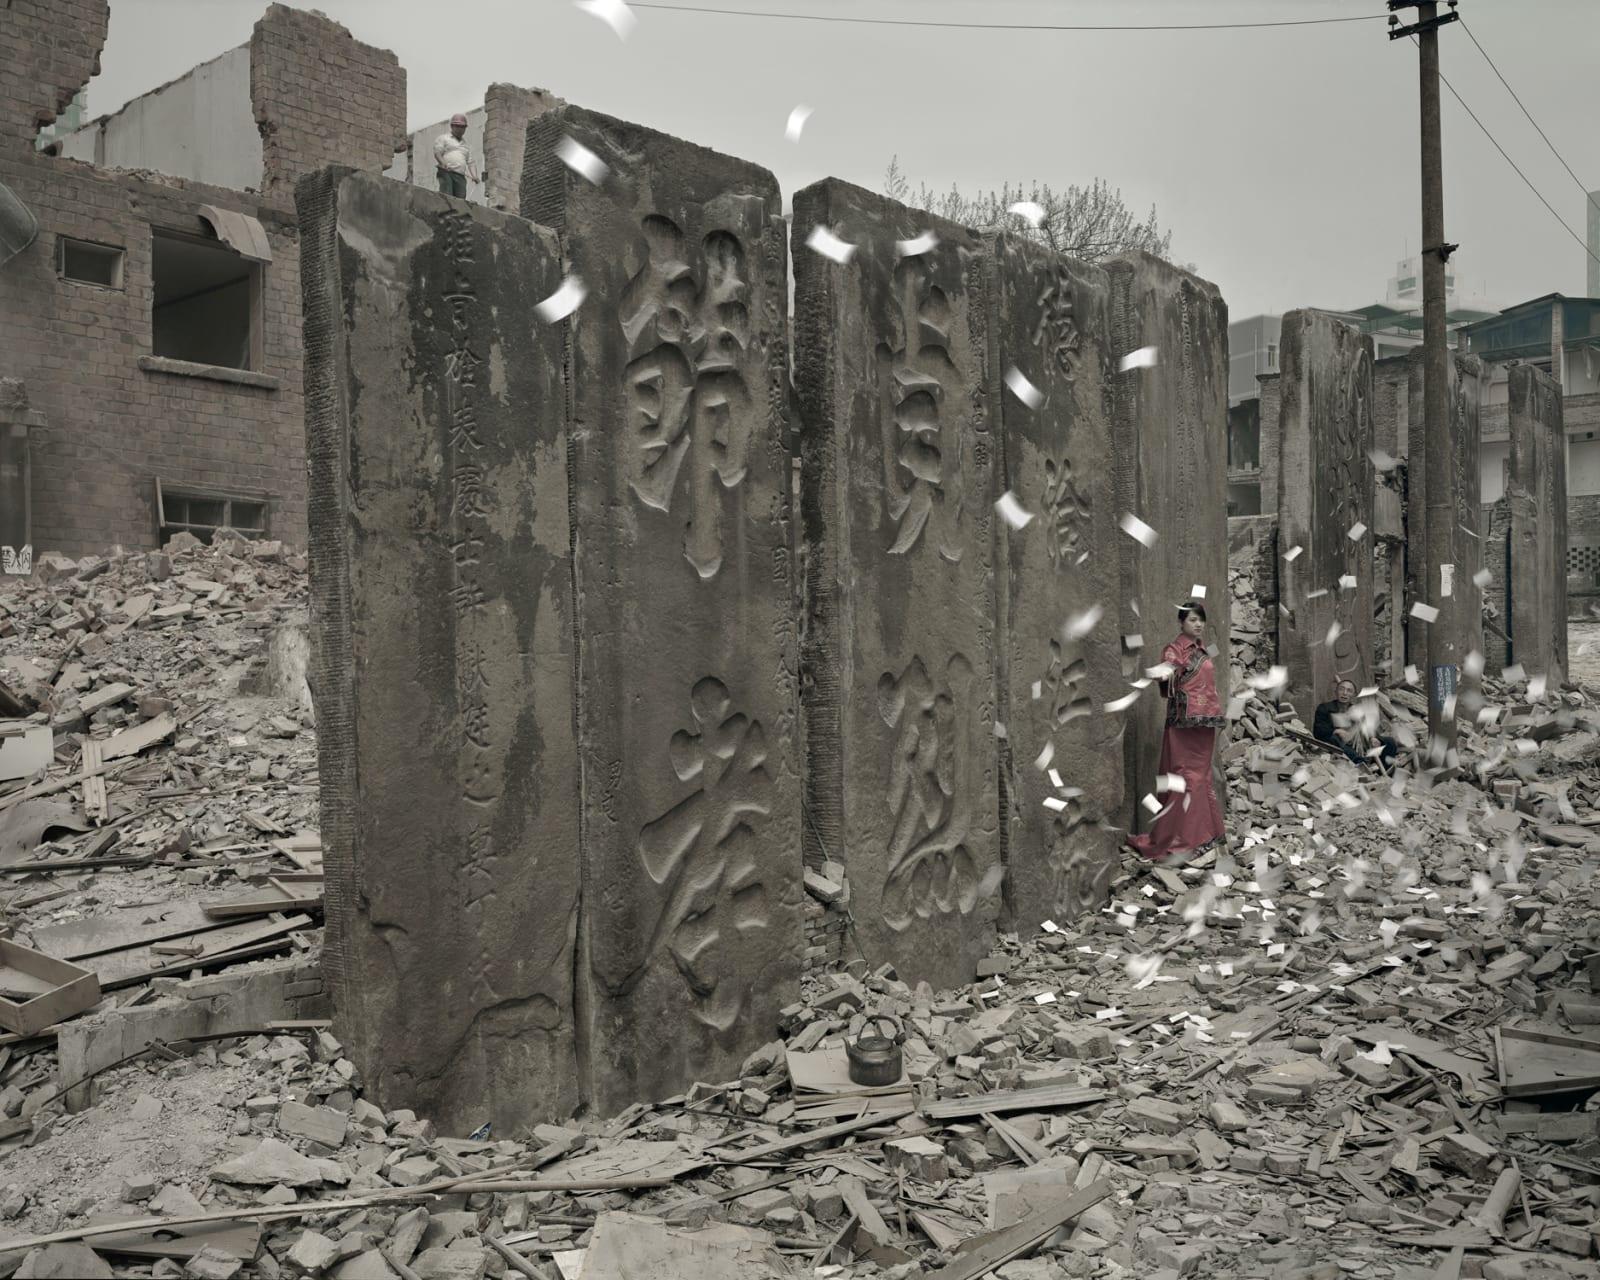 Qin Wen 秦文, Old City - Qi Pai Fang 故城系列之七牌坊 , 2009